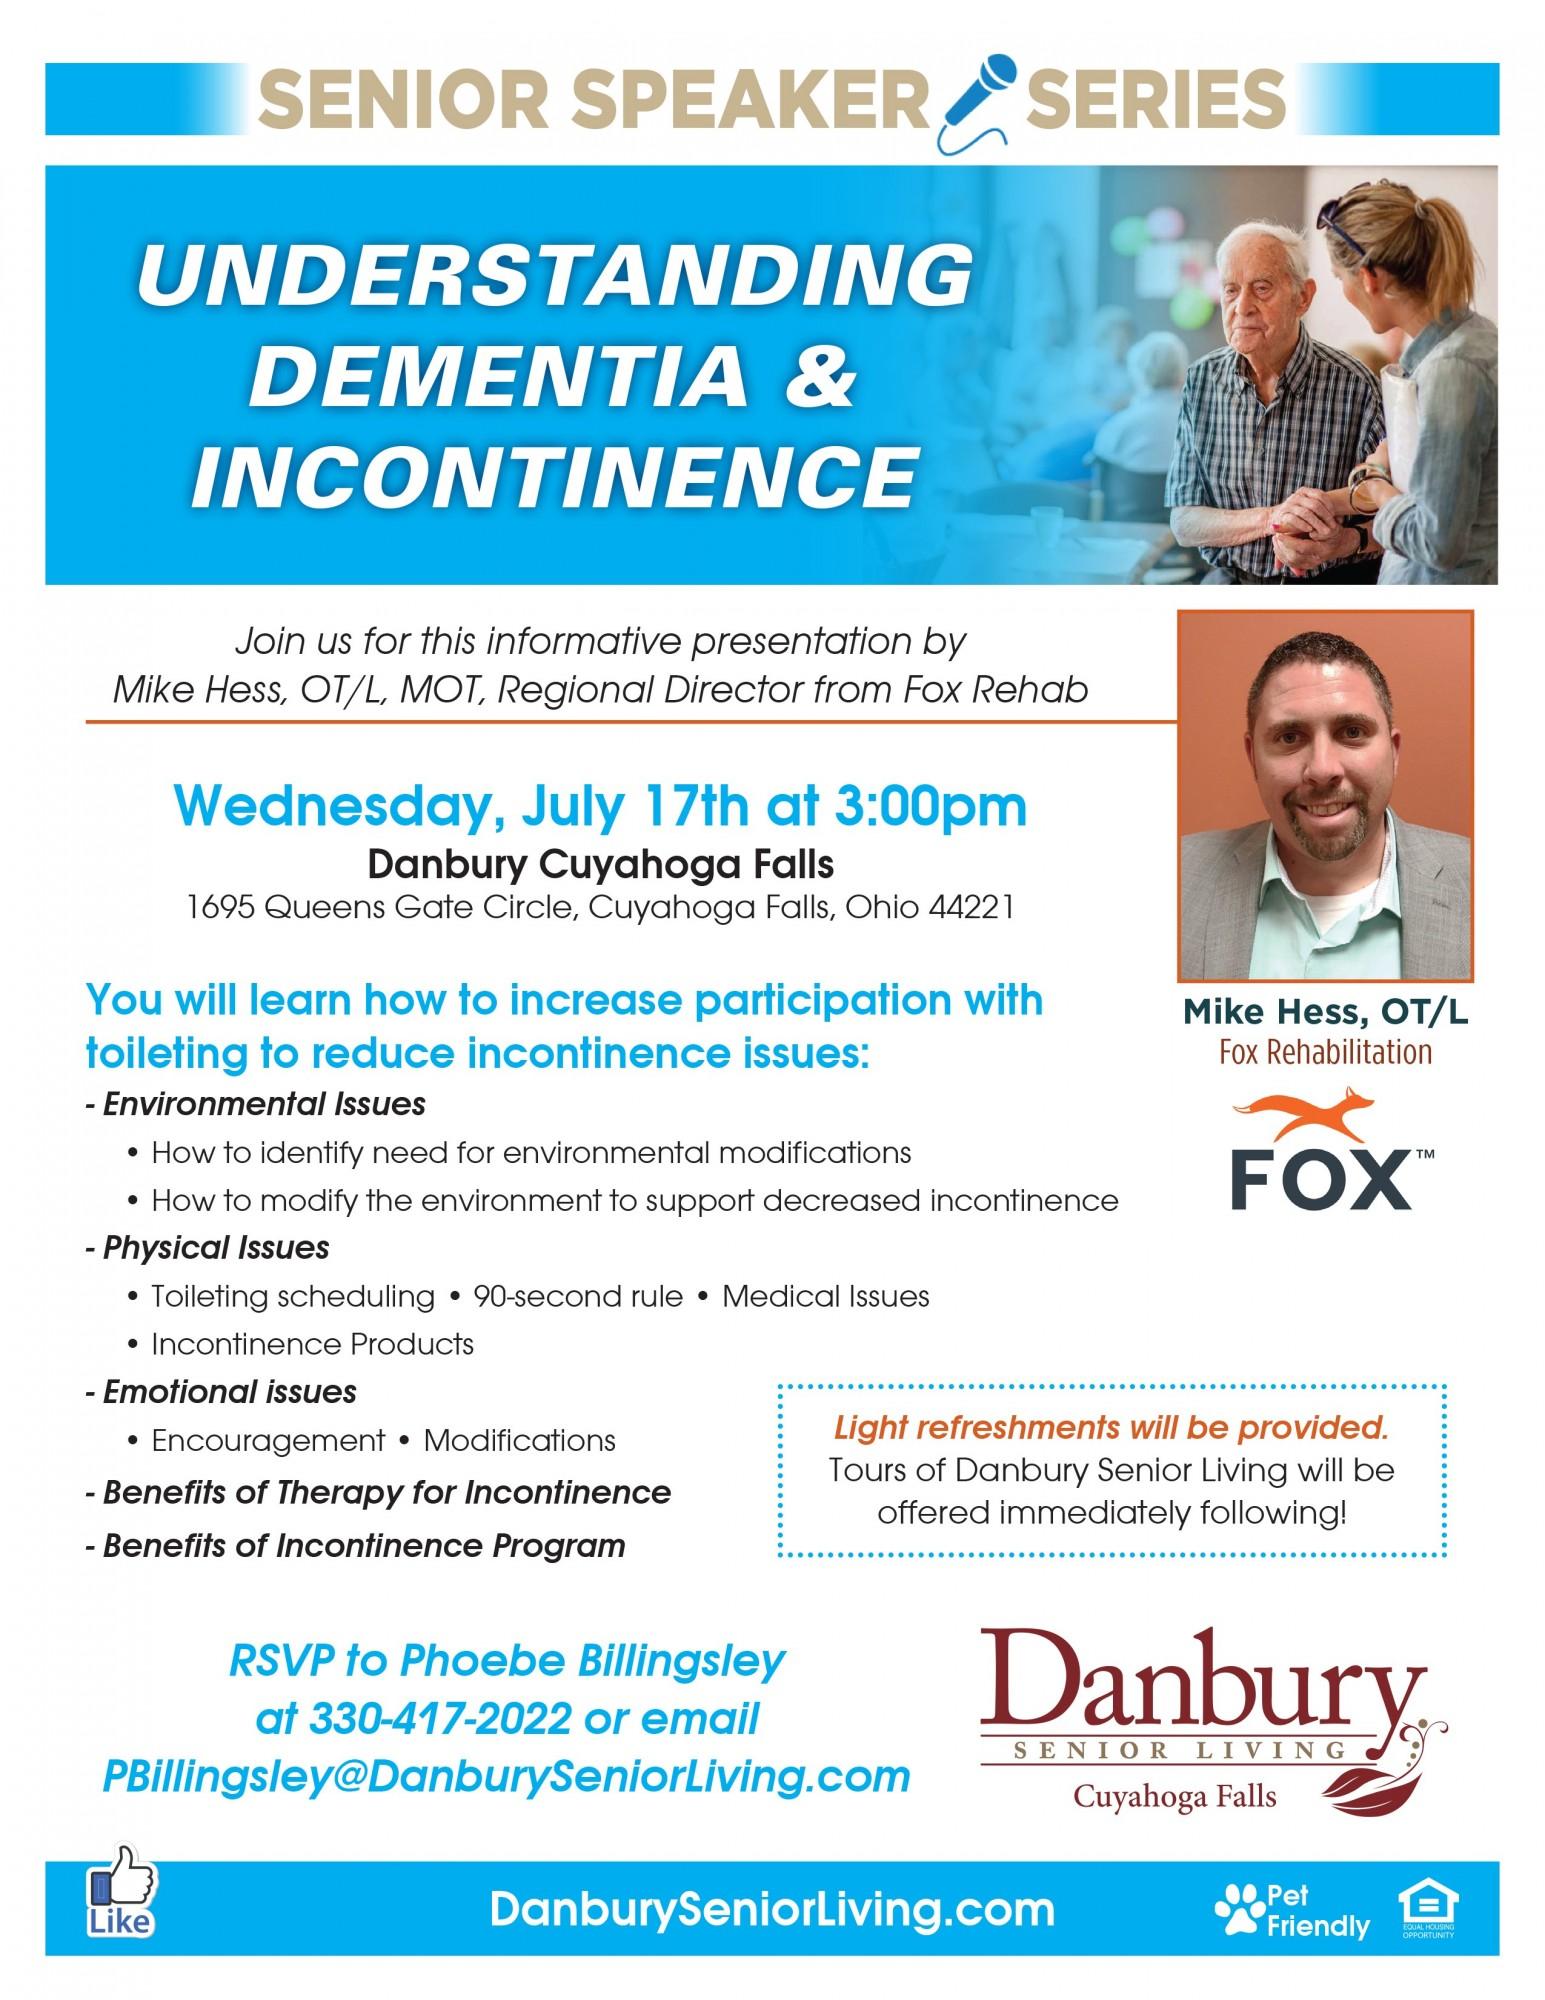 Senior Speaker Series Quot Understanding Dementia